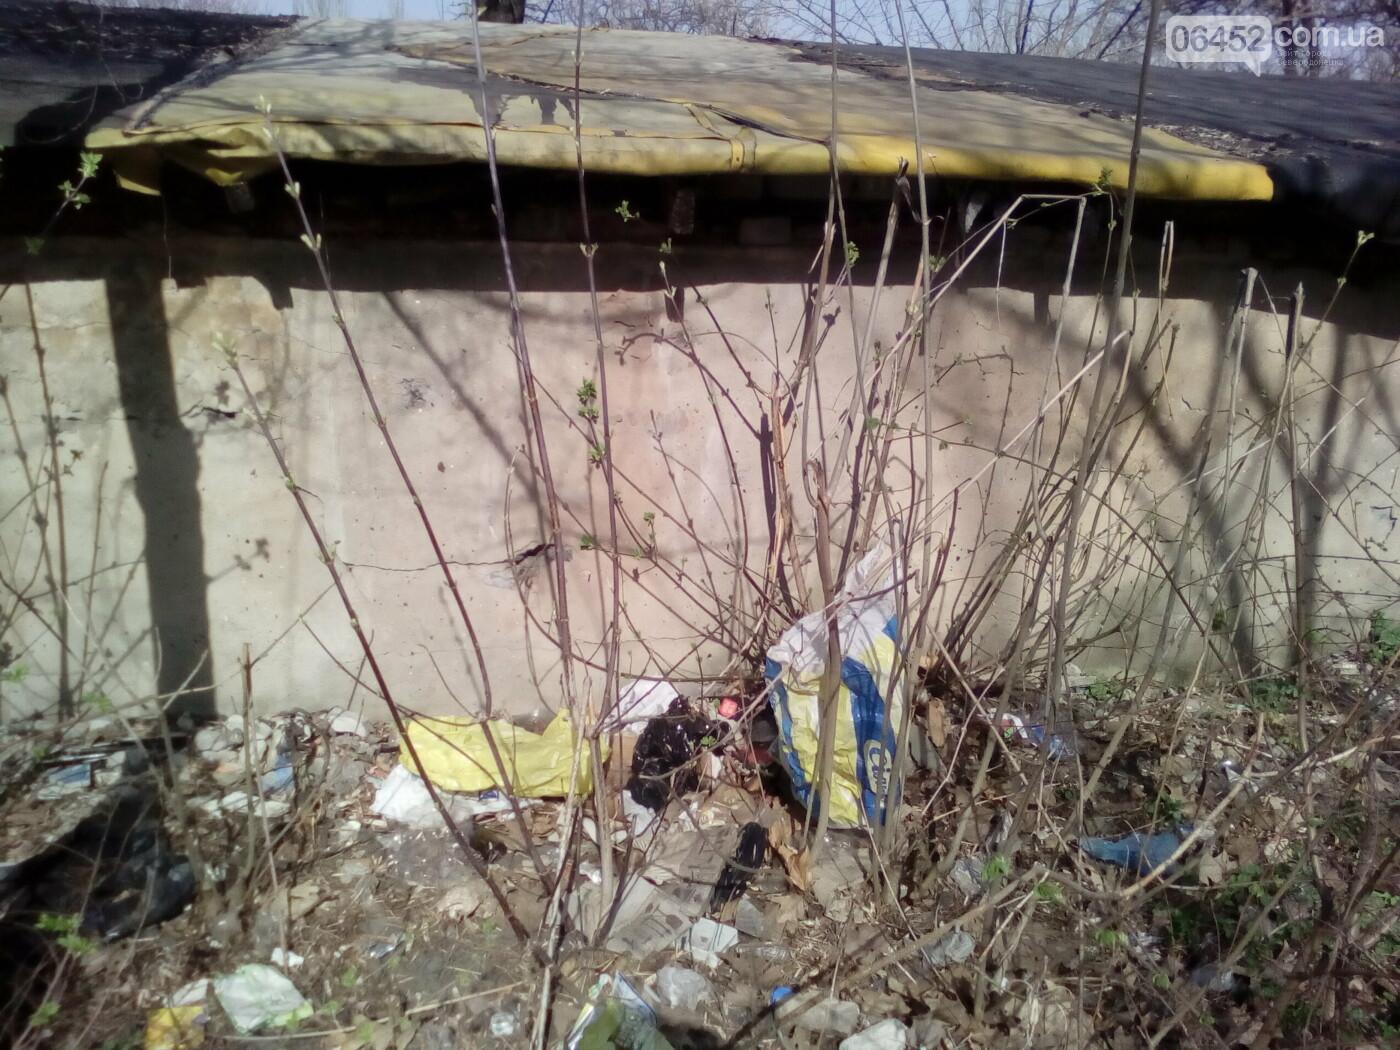 Вопрос вывоза мусора в Северодонецке до сих пор остается актуальным, фото-13